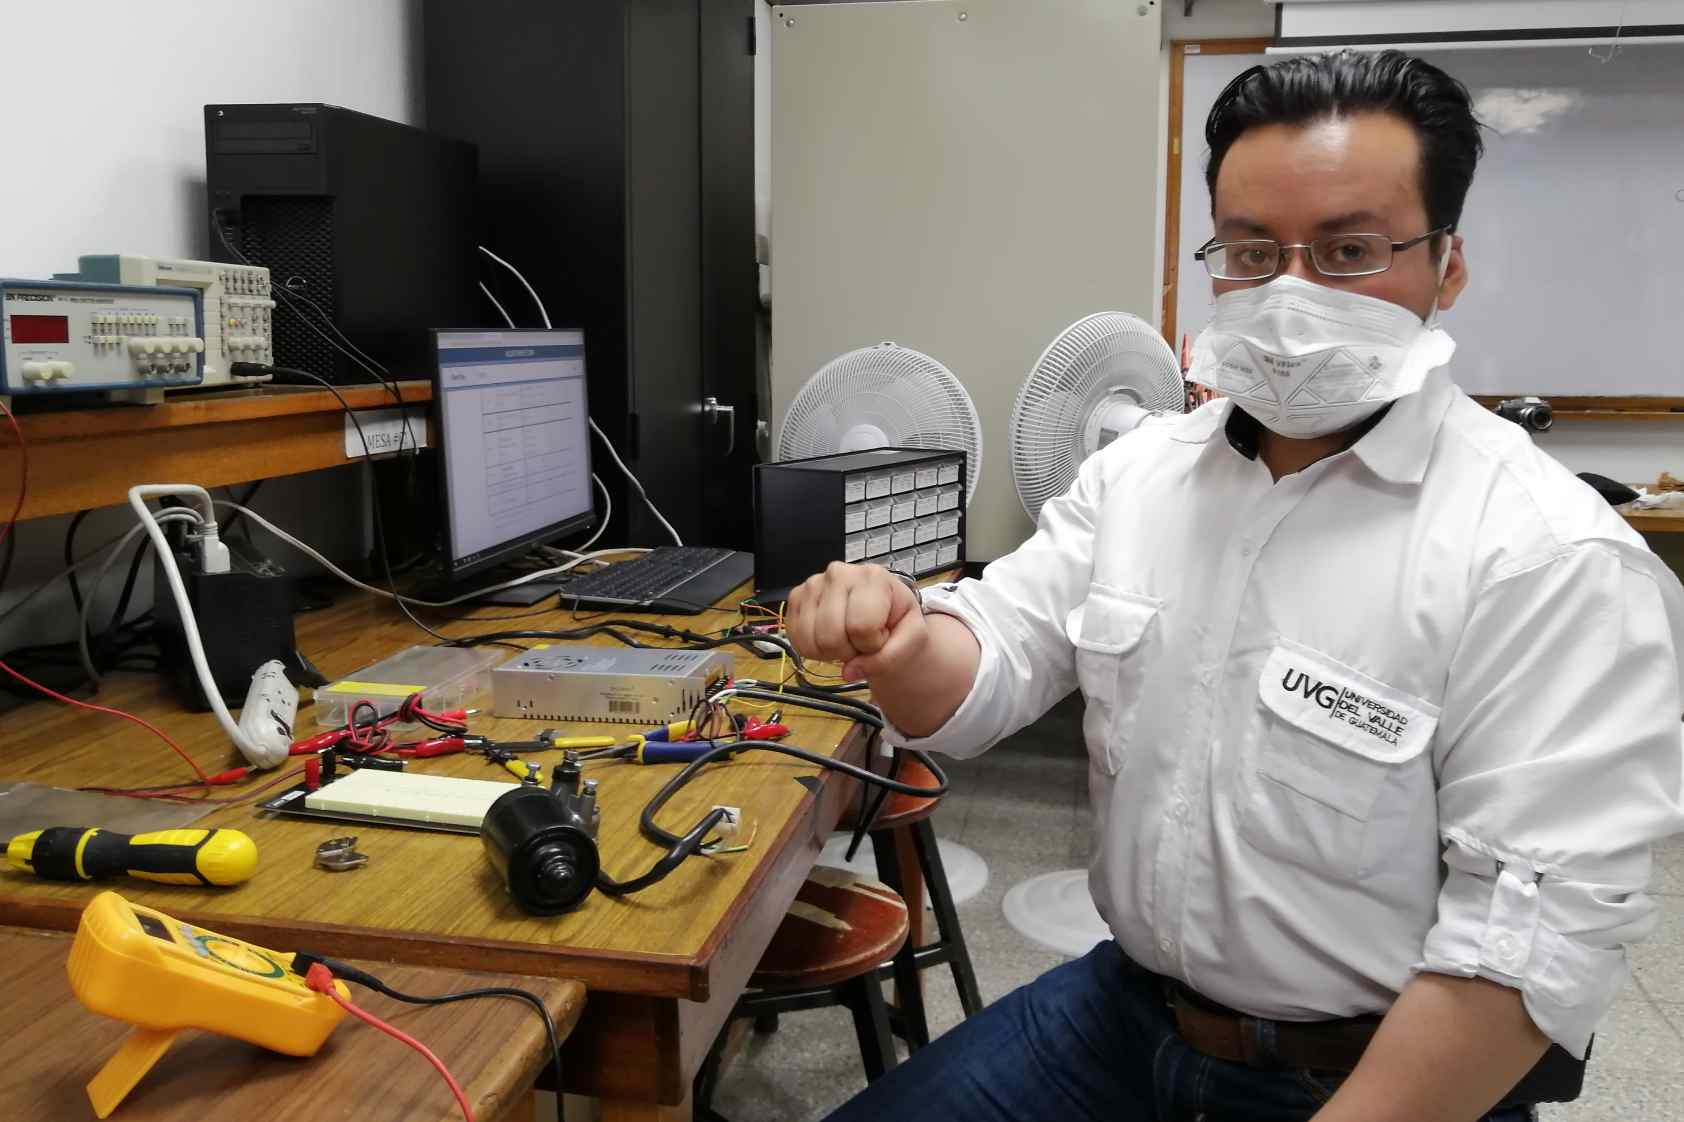 Máquina de ventilación UVG